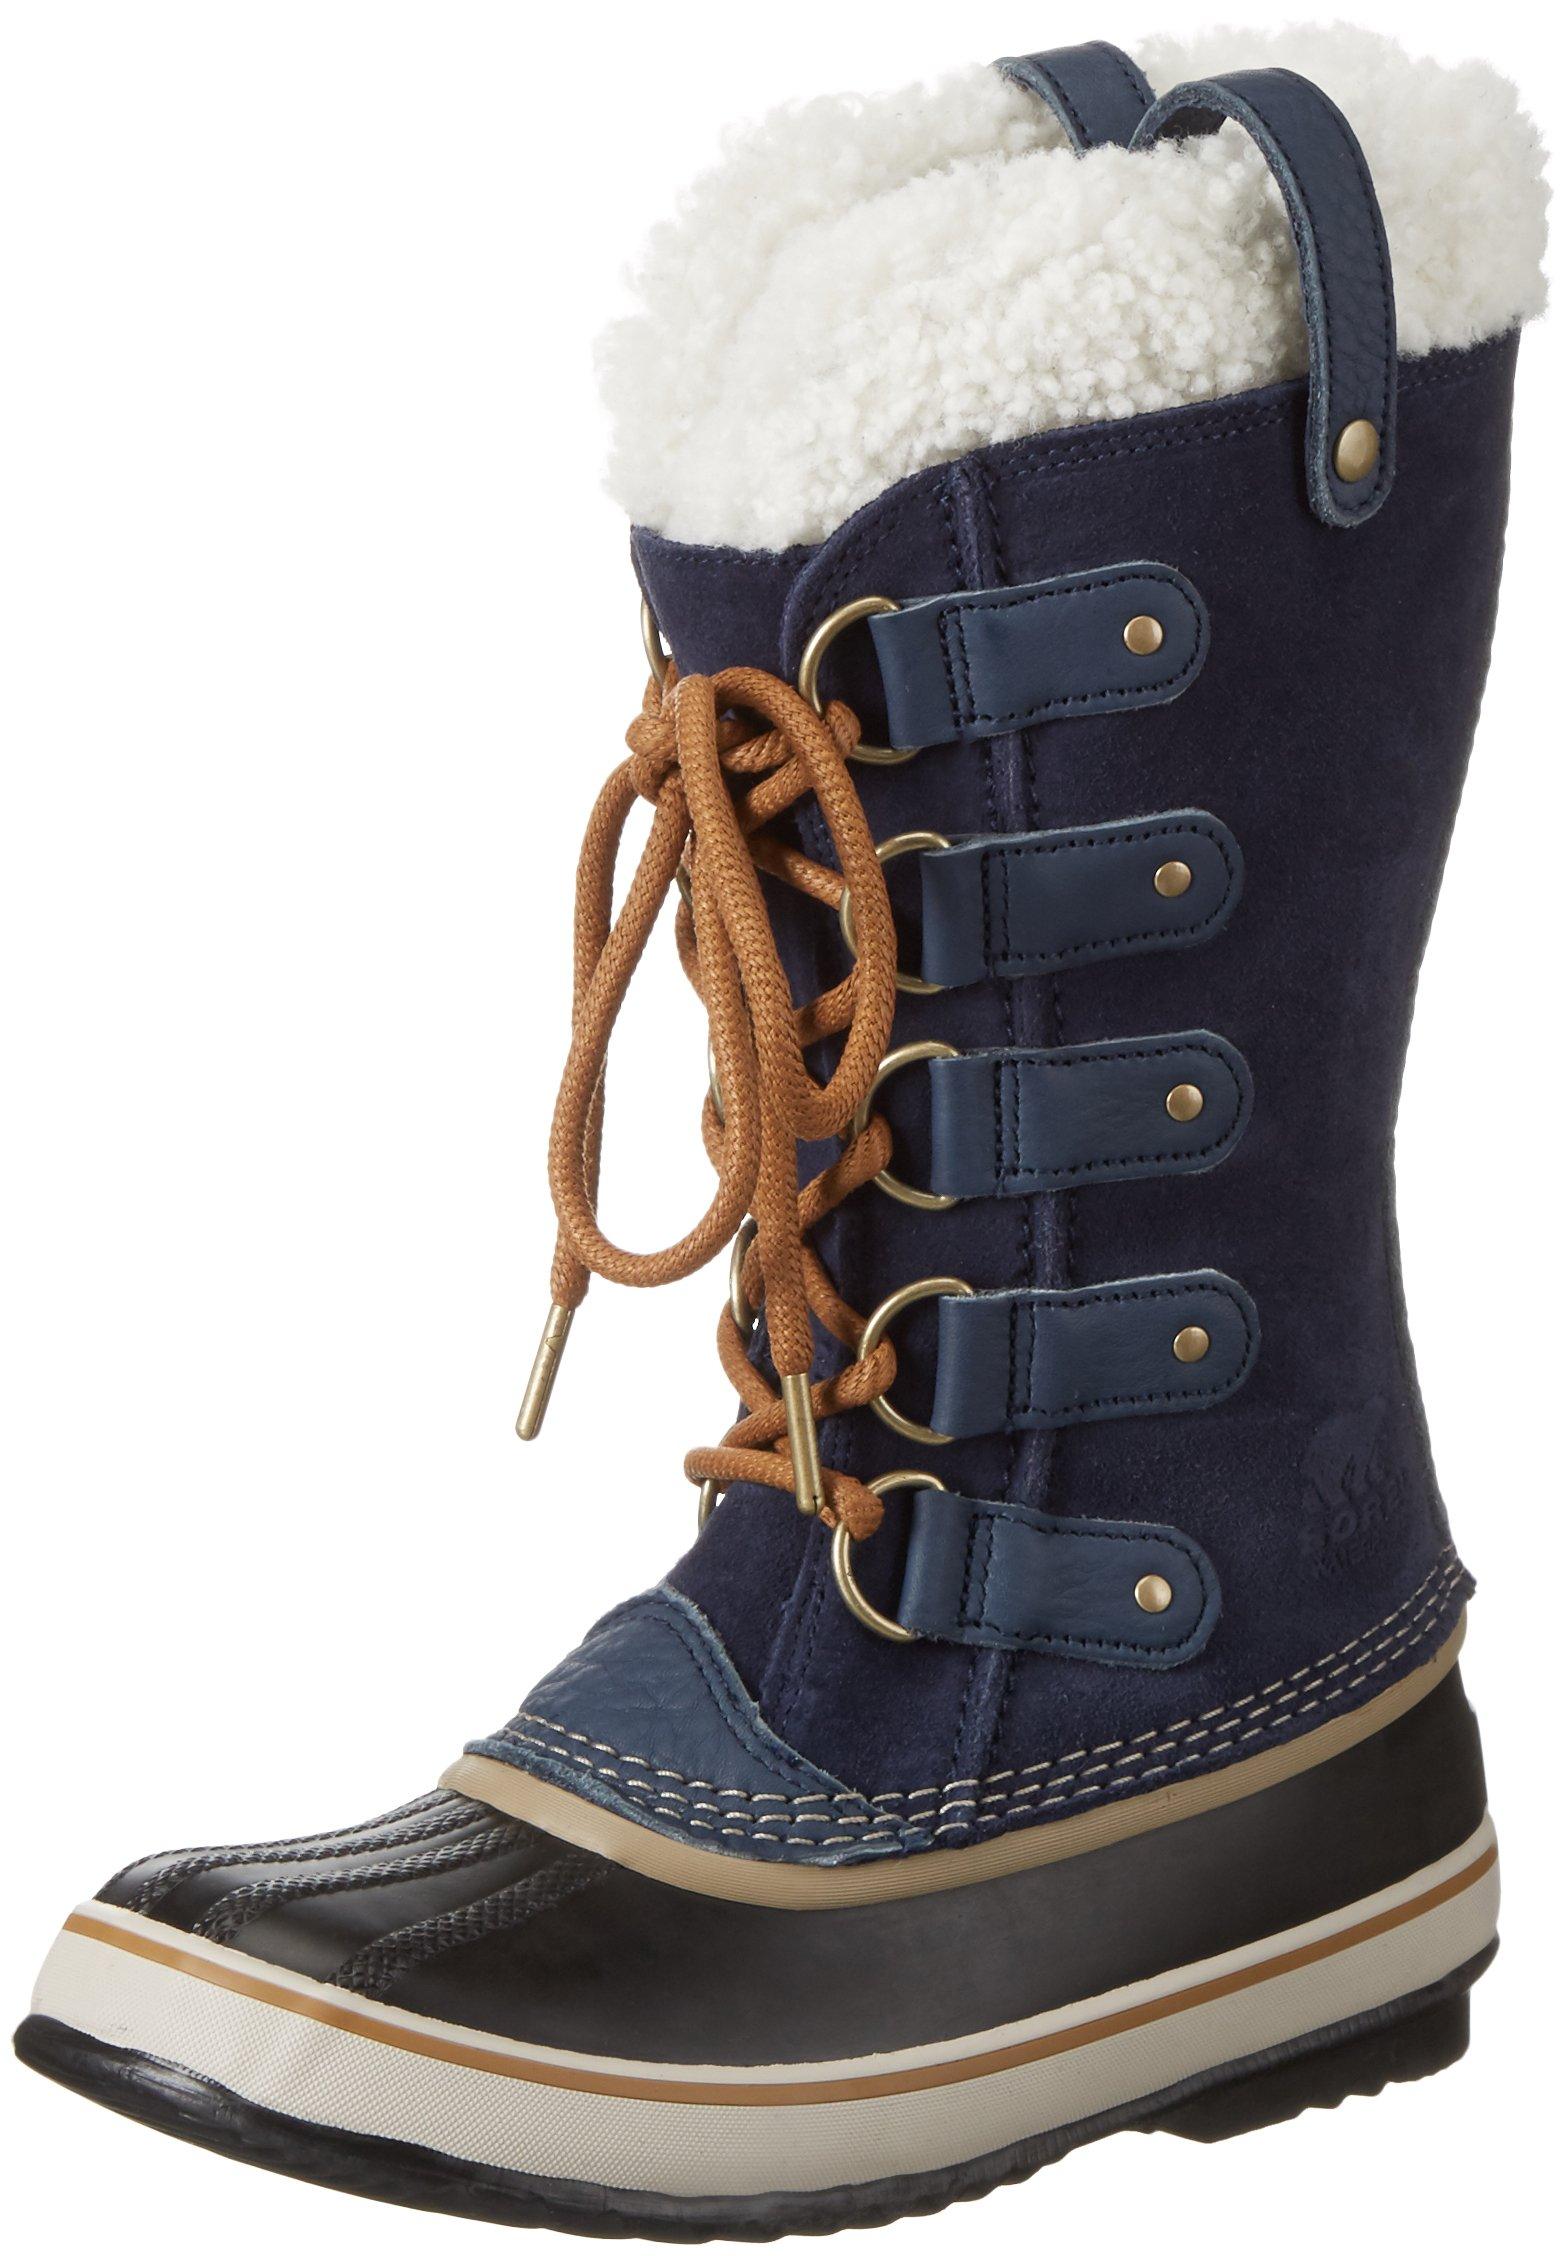 Sorel Women's Joan of Arctic Boots, Collegiate Navy, 7.5 B(M) US